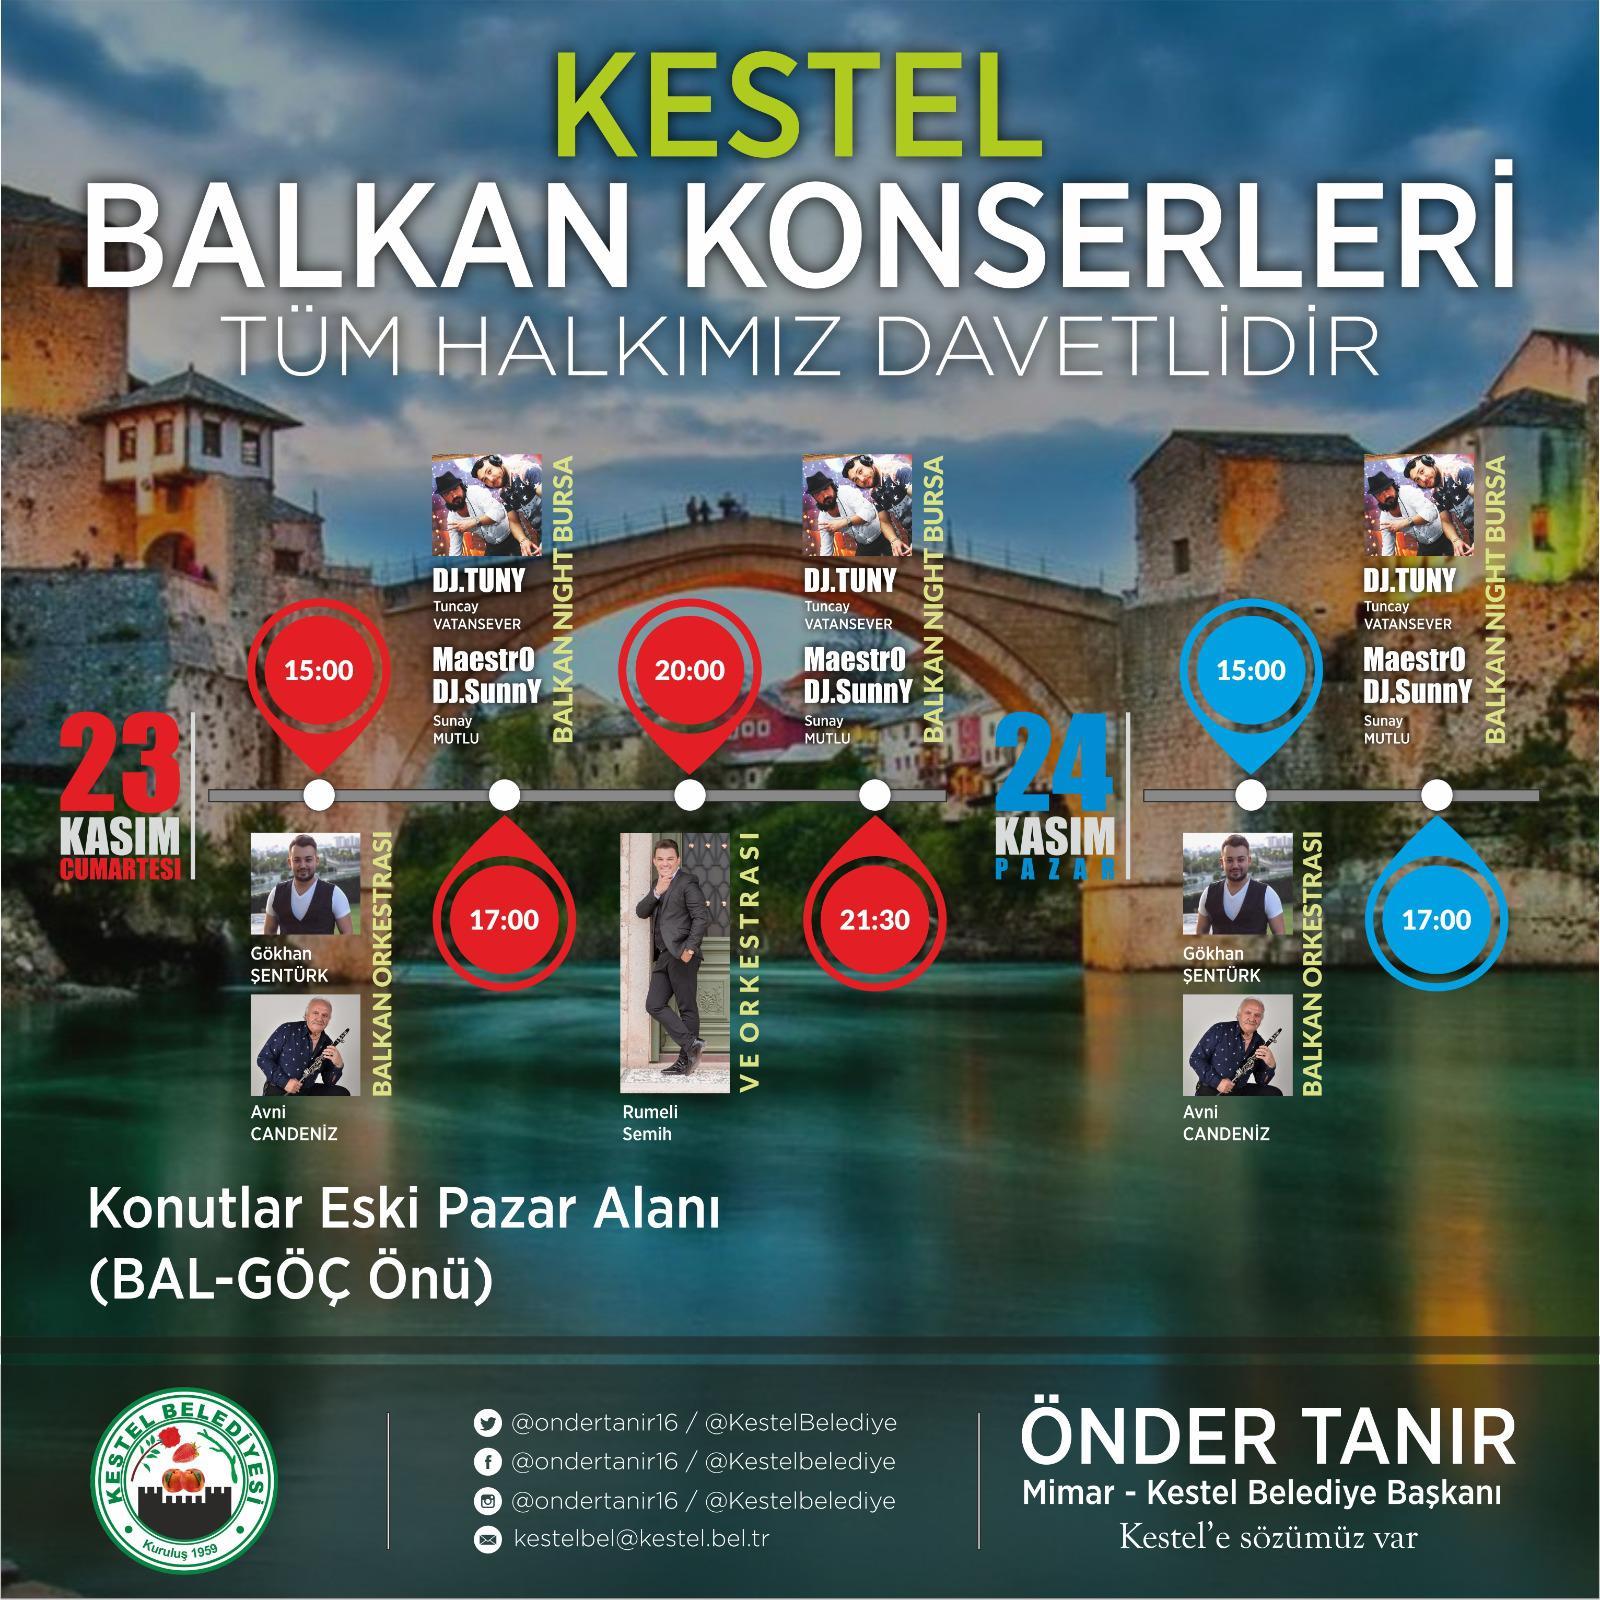 KESTEL BALKAN KONSERLERİ